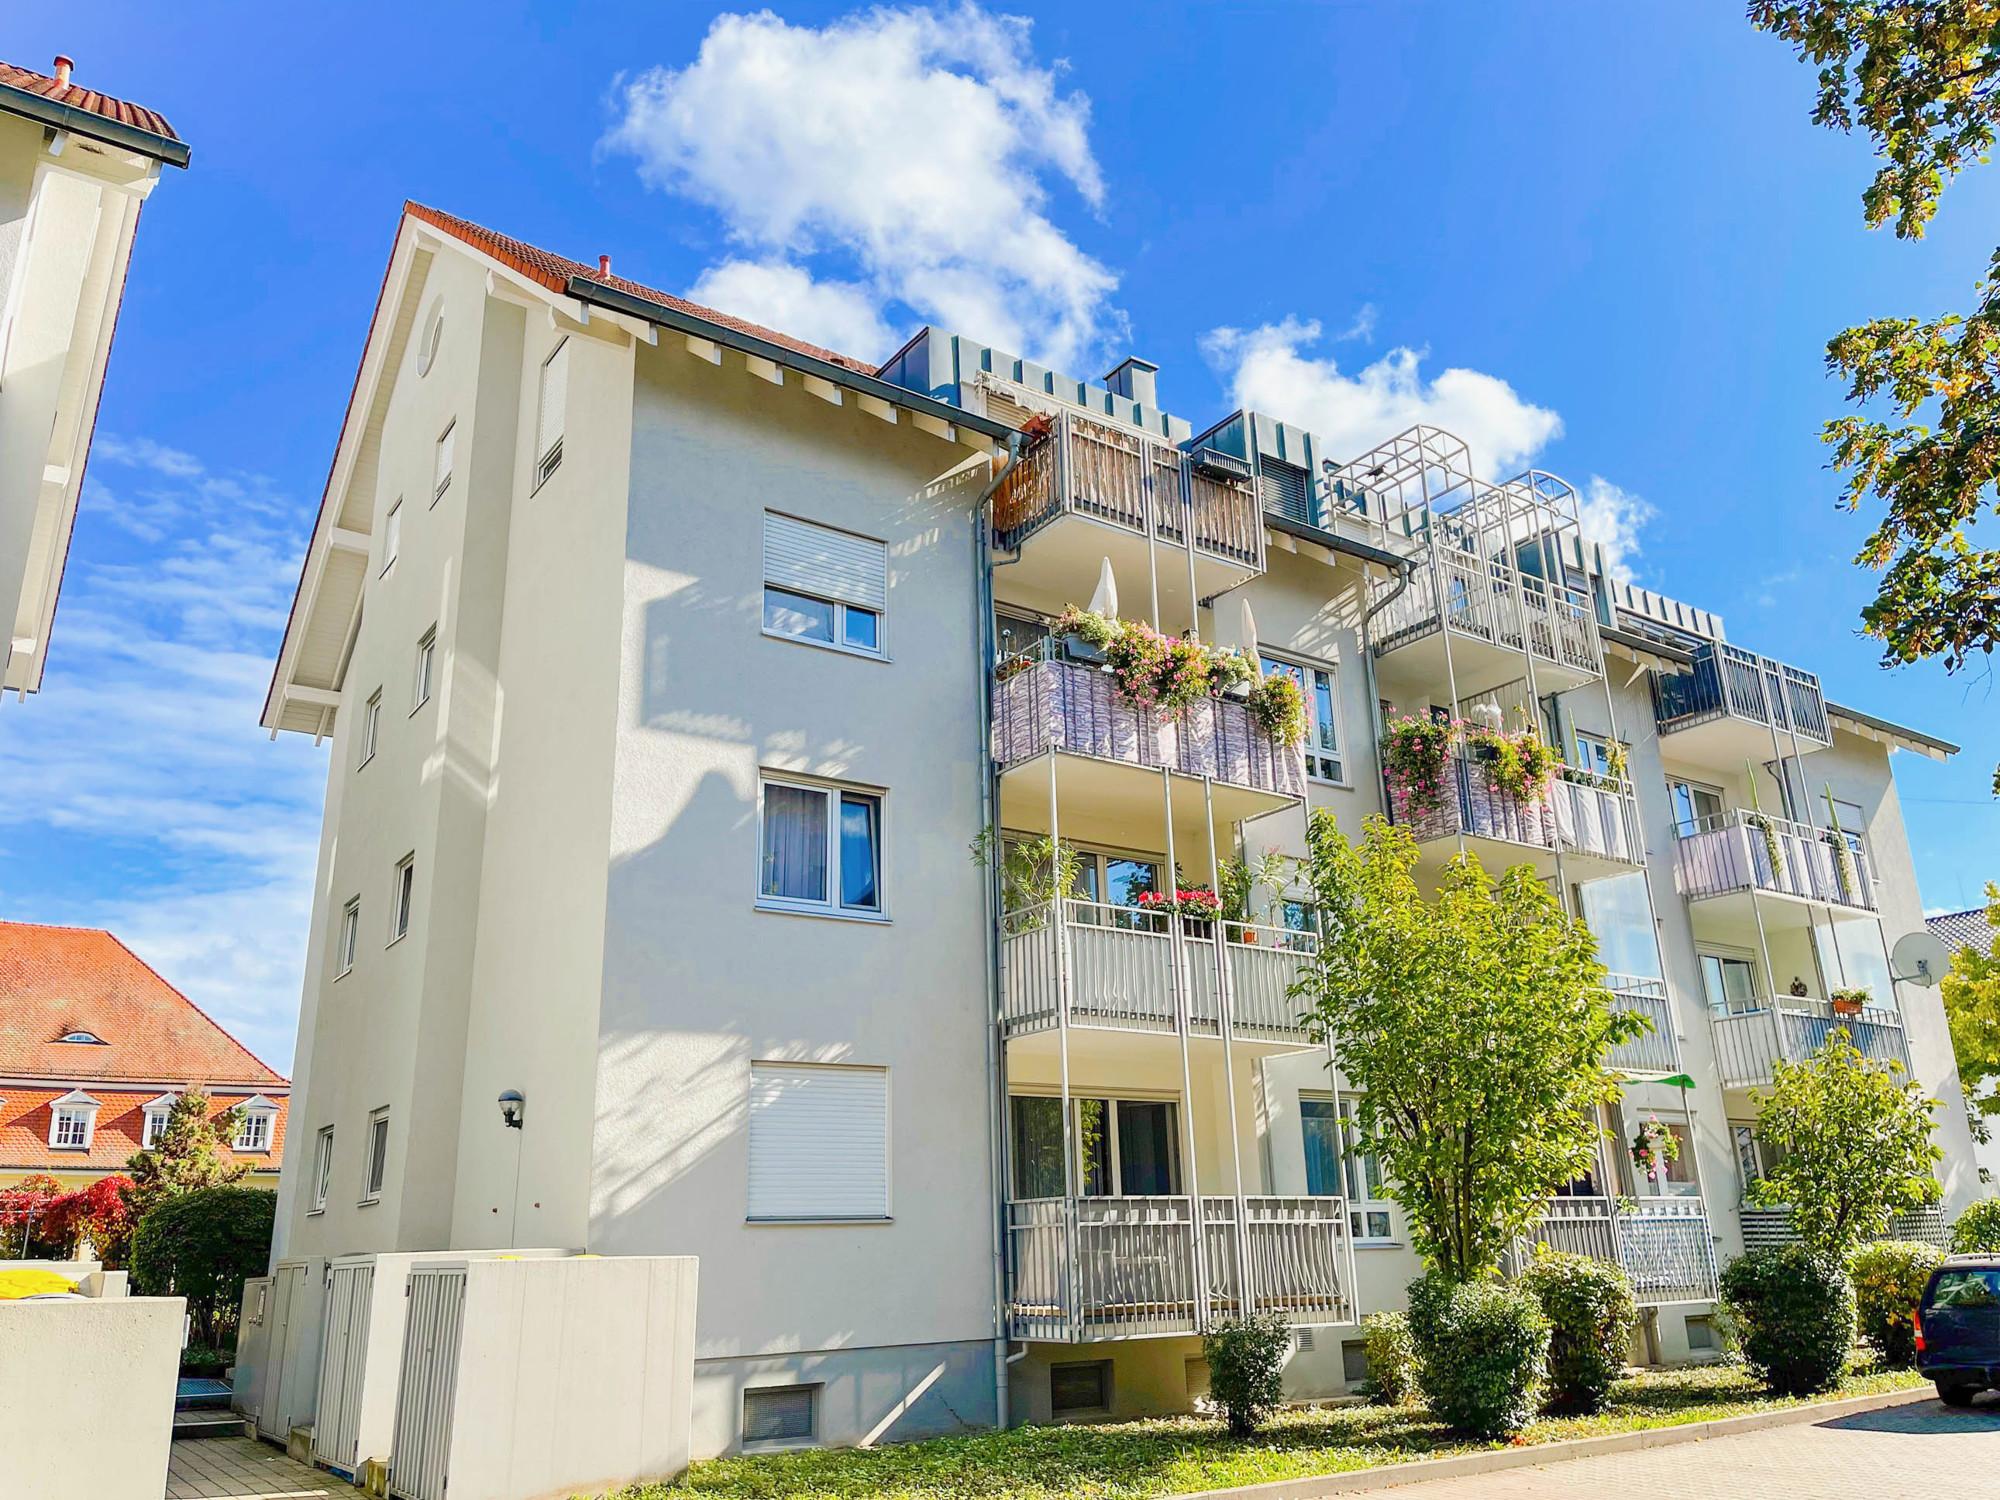 2,5 Zimmerwohnung mit 2 Balkonen und TG-Stellplatz in der Innenstadt von Rastatt